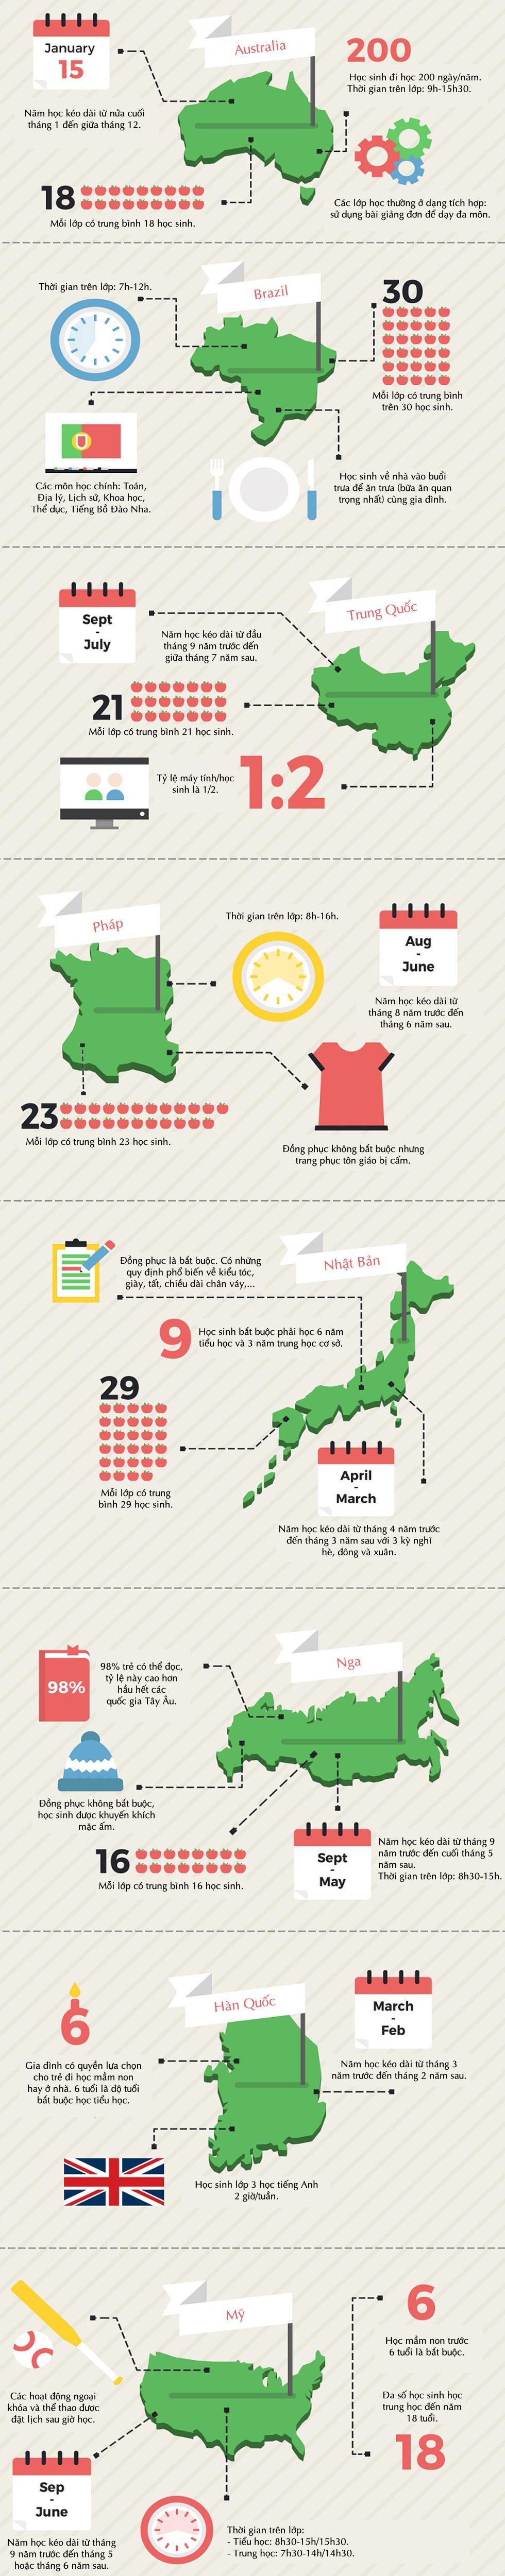 Khác biệt về giáo dục phổ thông giữa các nước